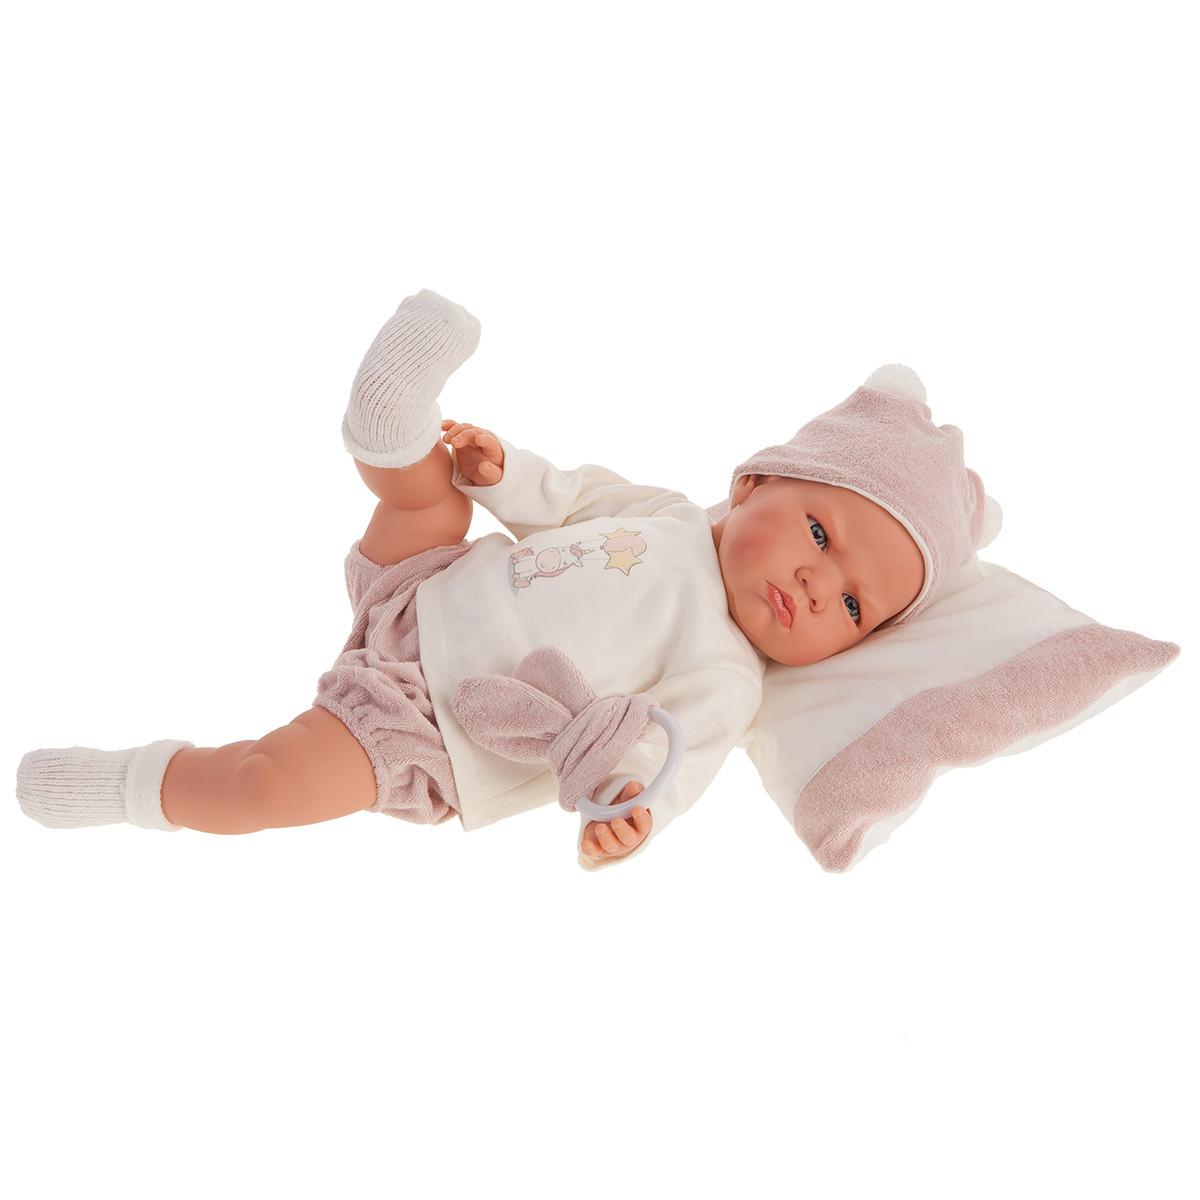 Купить 1956 Кукла Изабель в розовом, озвученная (детский лепет), 52 см, Antonio Juan,